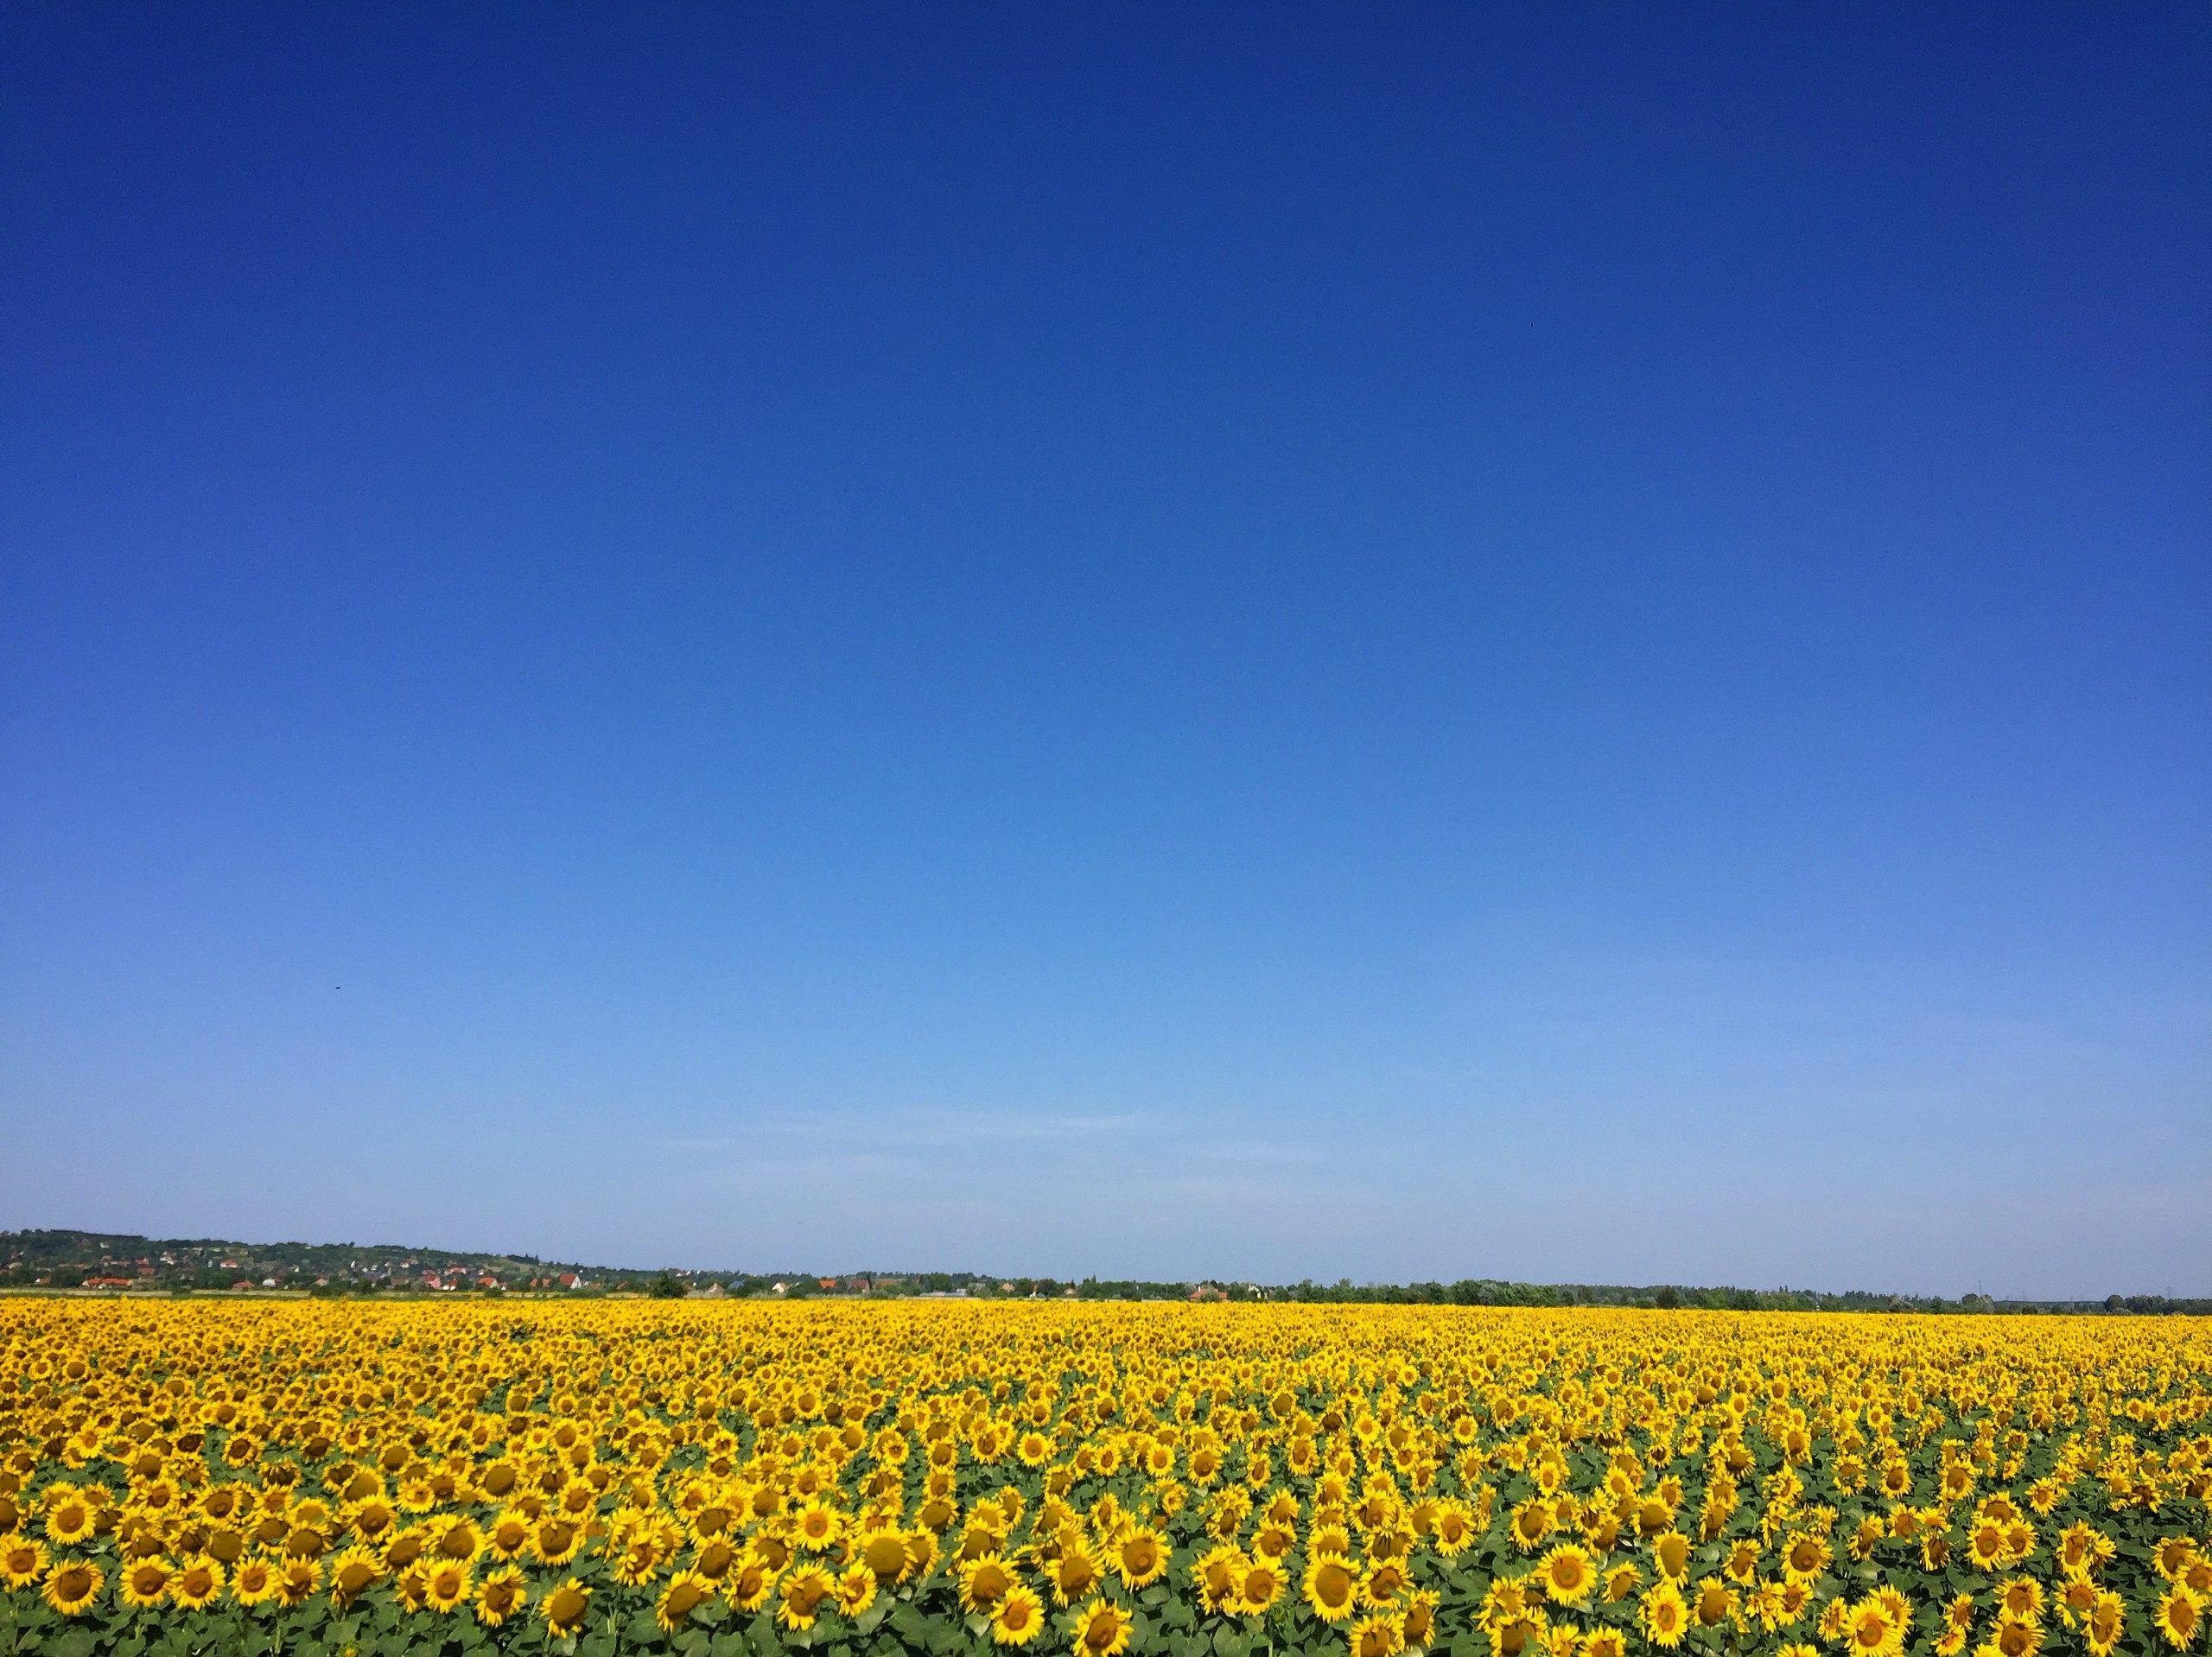 Sunflower Field under a blue sky